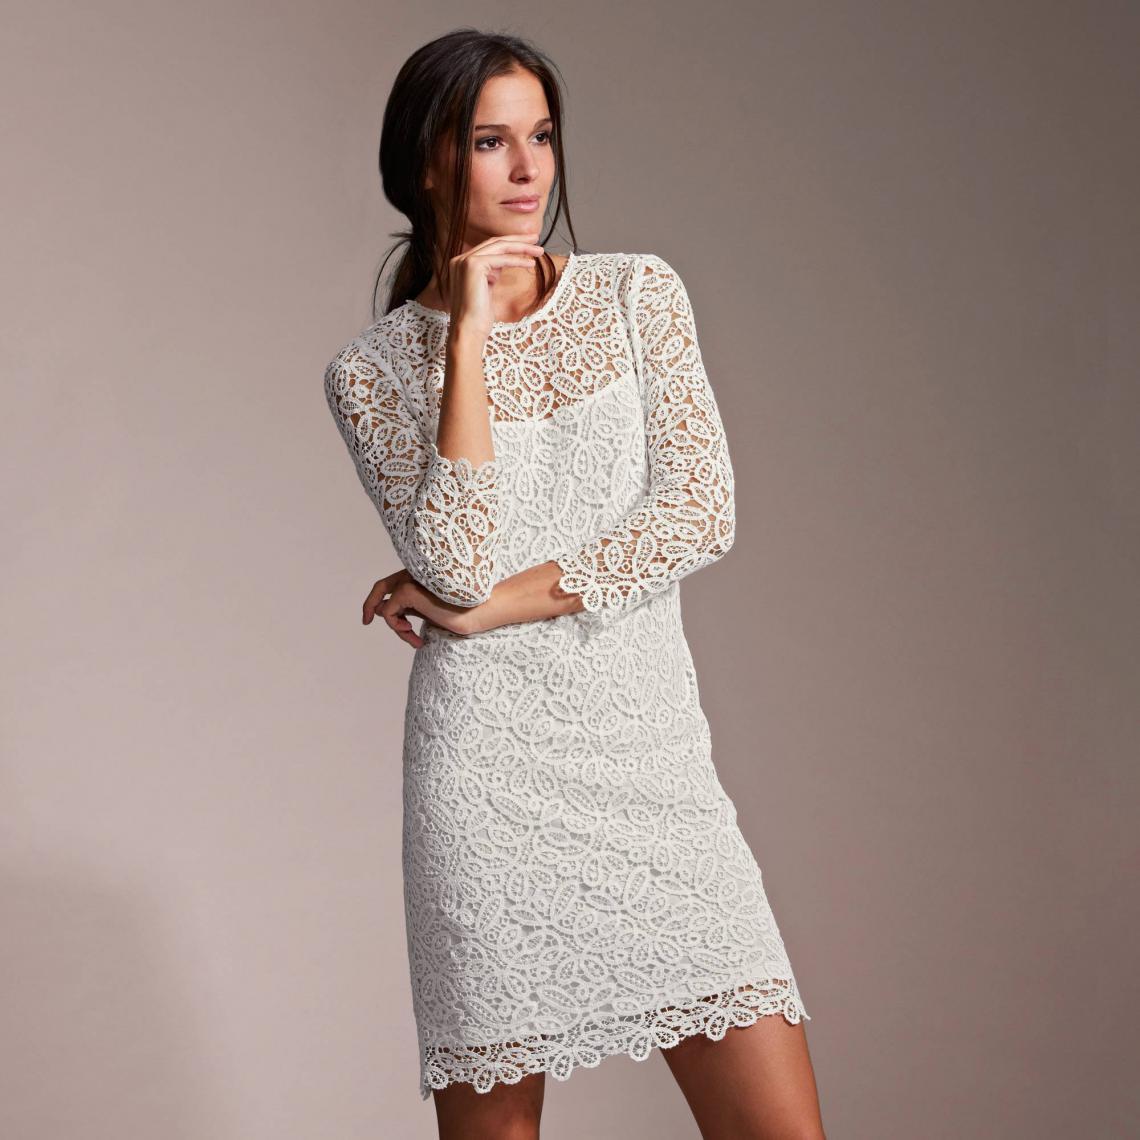 756dfed9749a Robe courte de soirée doublée dentelle guipure femme PREMIUM - Blanc 3  SUISSES Collection Femme